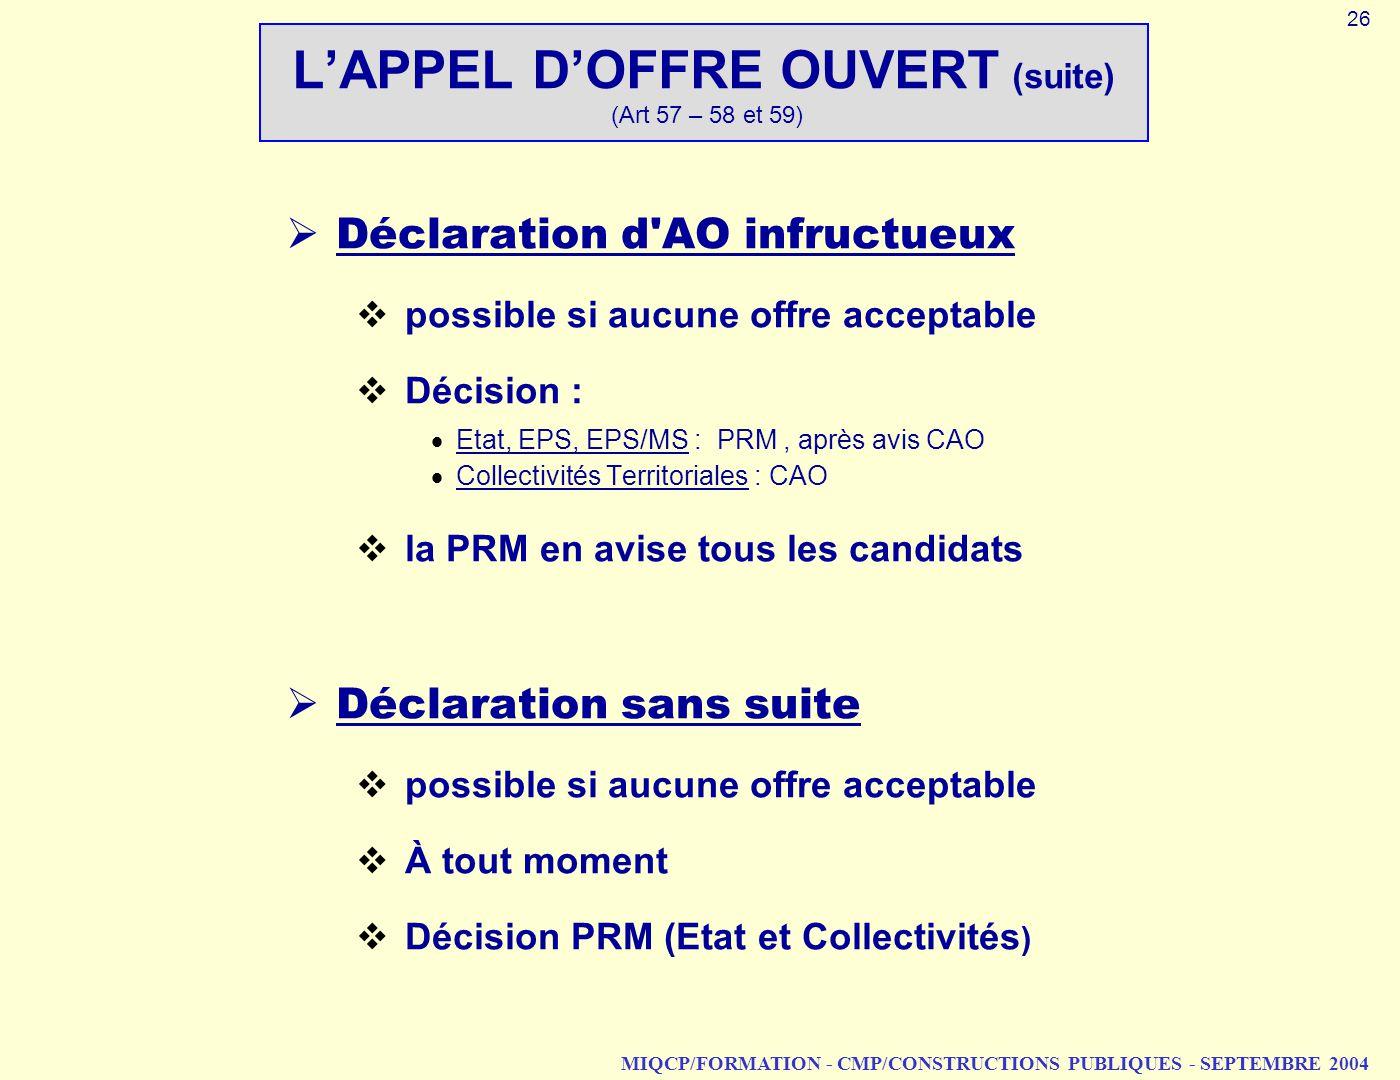 L'APPEL D'OFFRE OUVERT (suite) (Art 57 – 58 et 59)